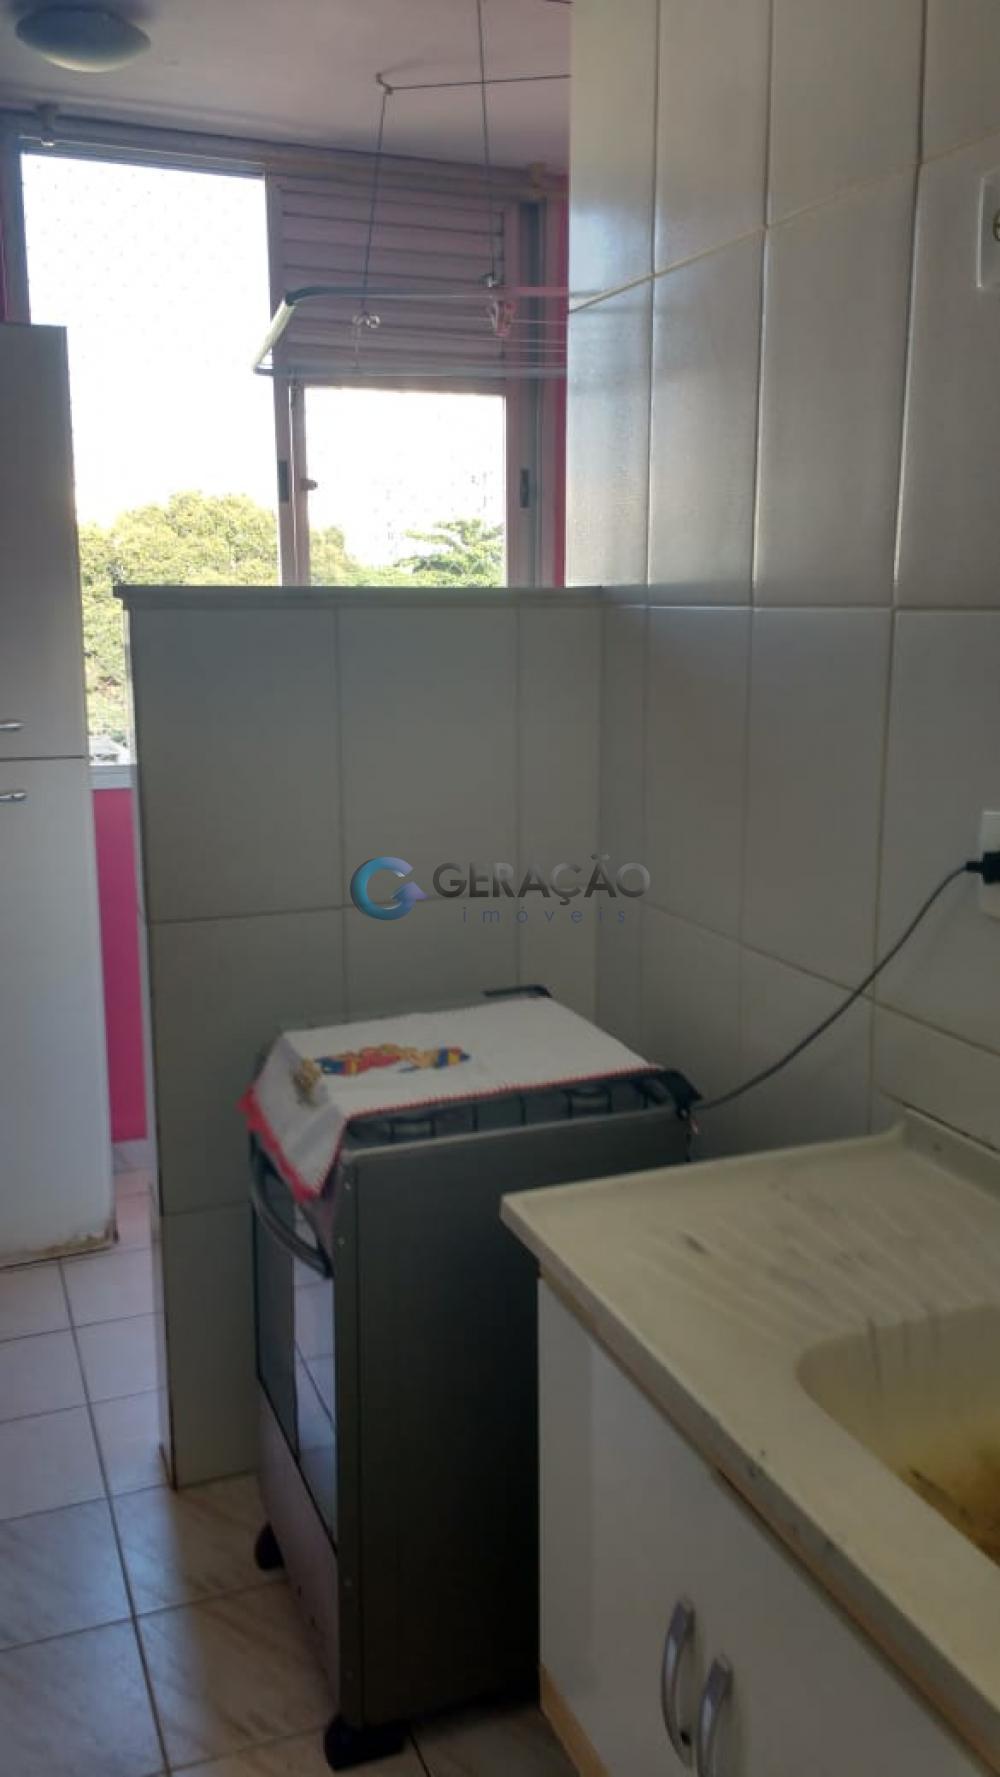 Comprar Apartamento / Padrão em São José dos Campos apenas R$ 220.000,00 - Foto 17